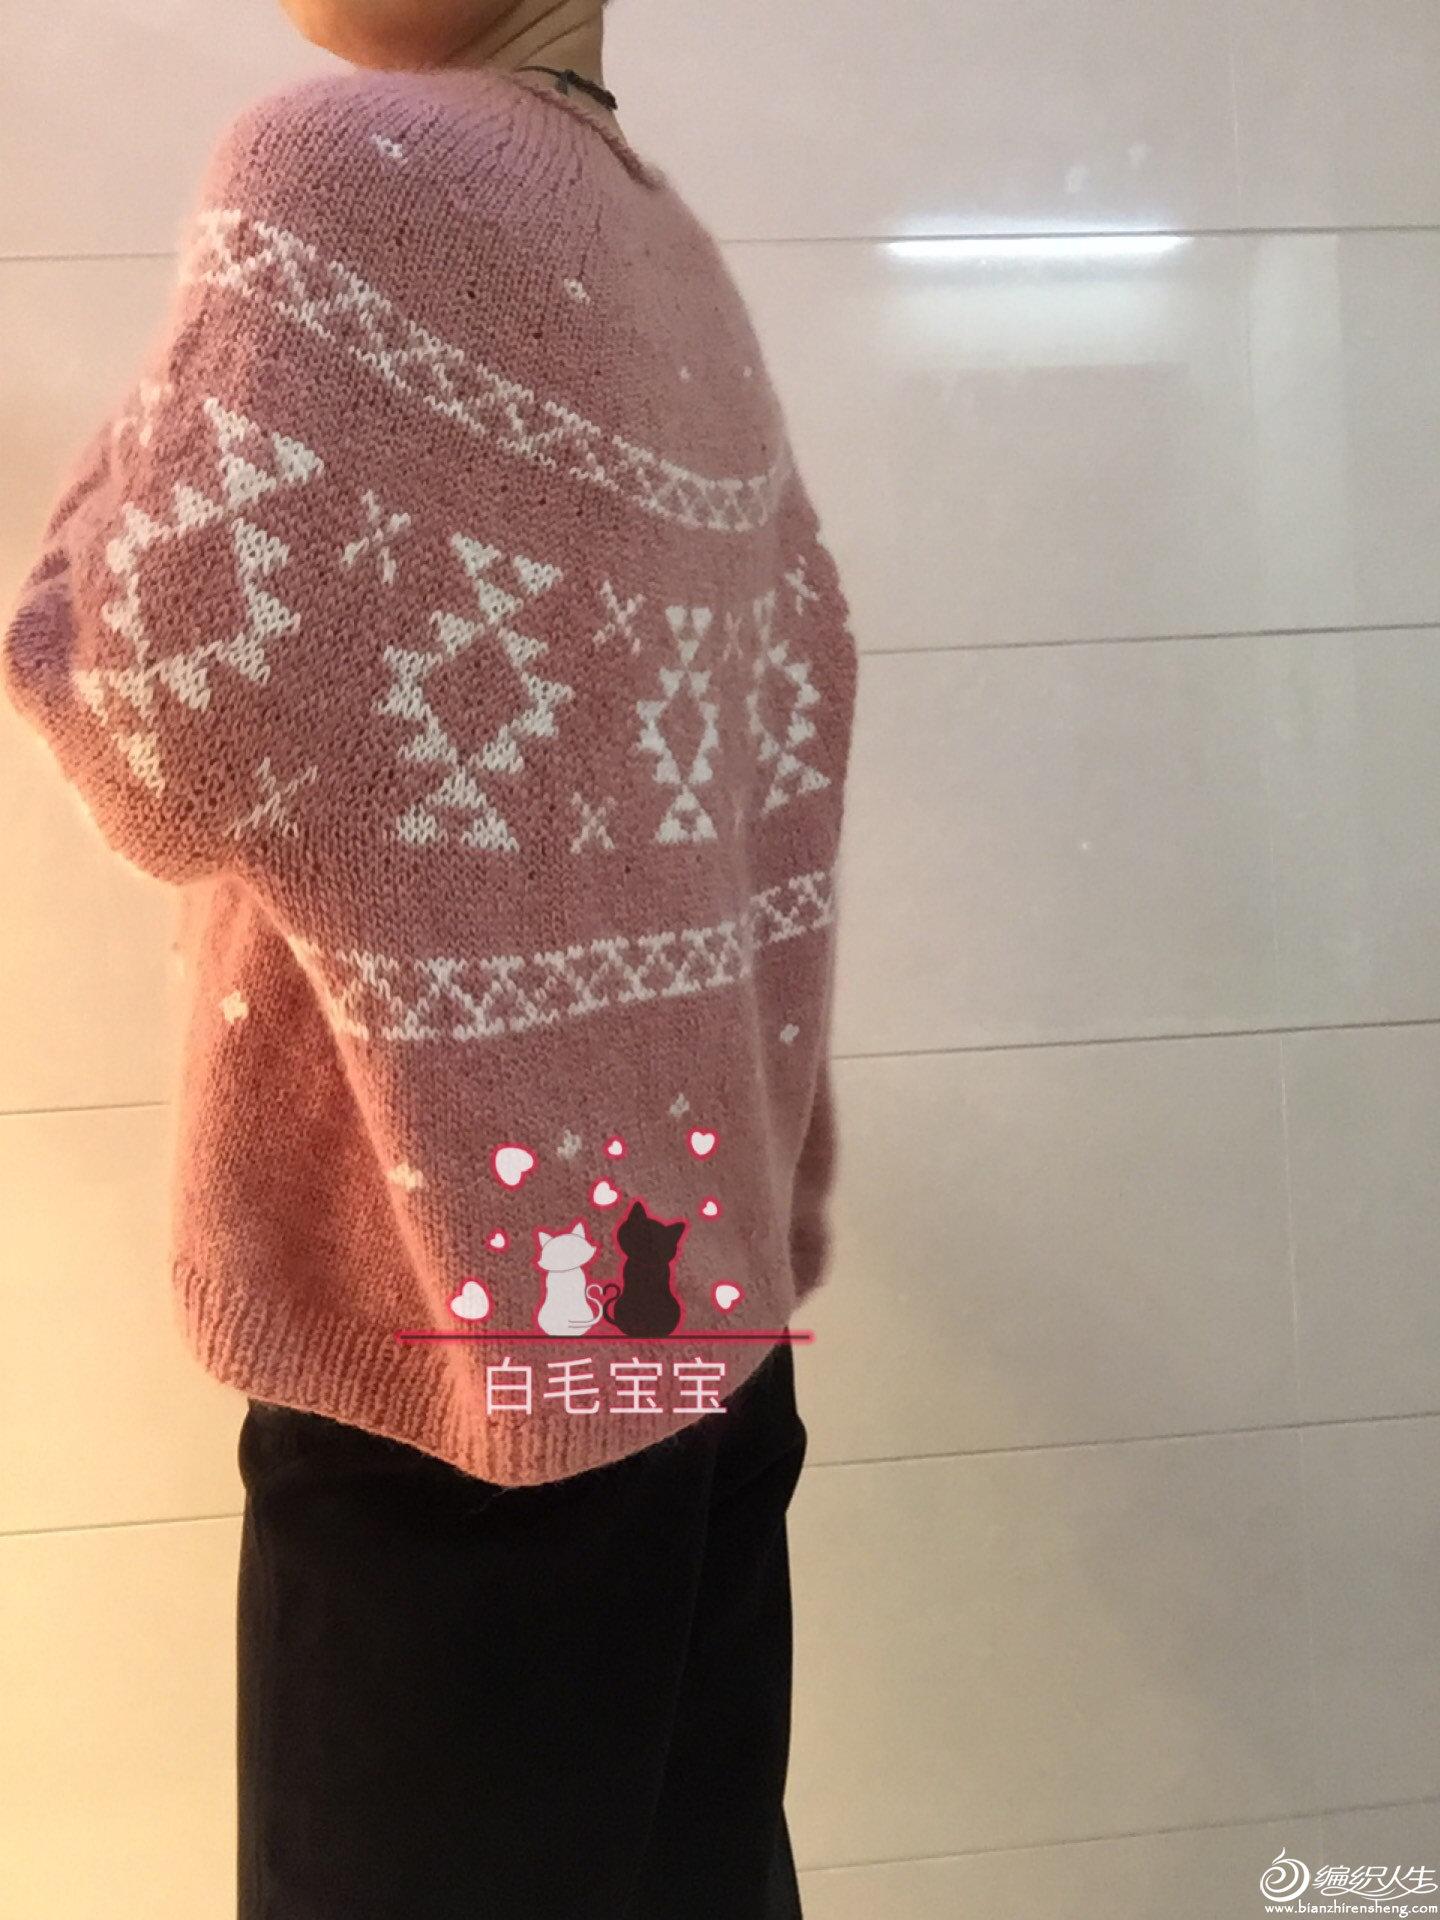 粗针织阔版套头毛衣